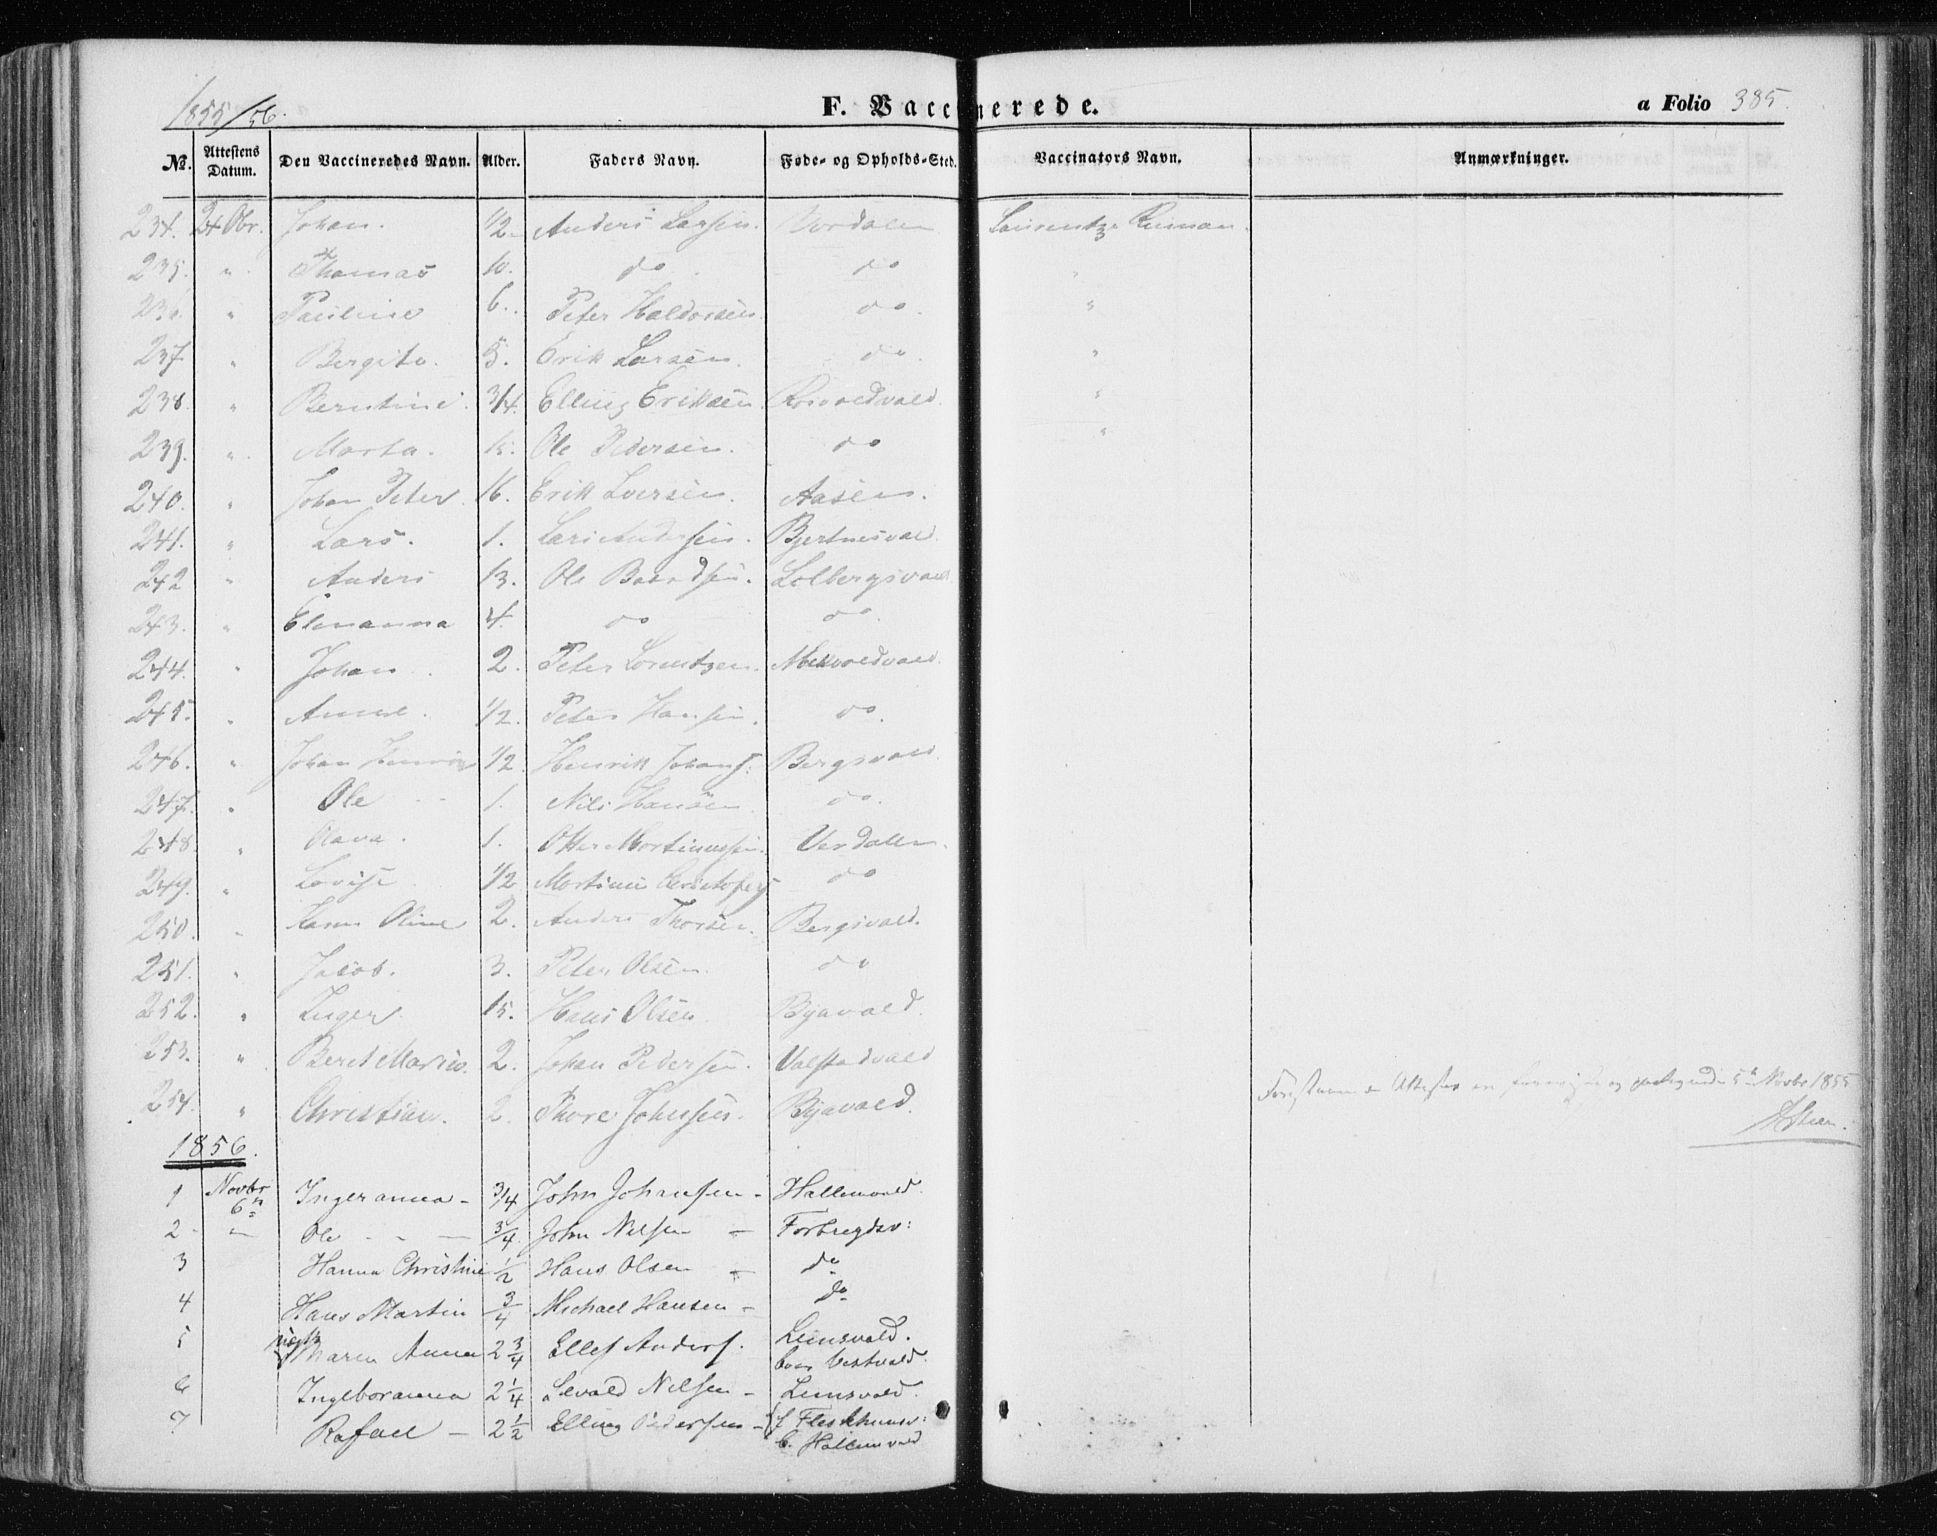 SAT, Ministerialprotokoller, klokkerbøker og fødselsregistre - Nord-Trøndelag, 723/L0240: Ministerialbok nr. 723A09, 1852-1860, s. 385